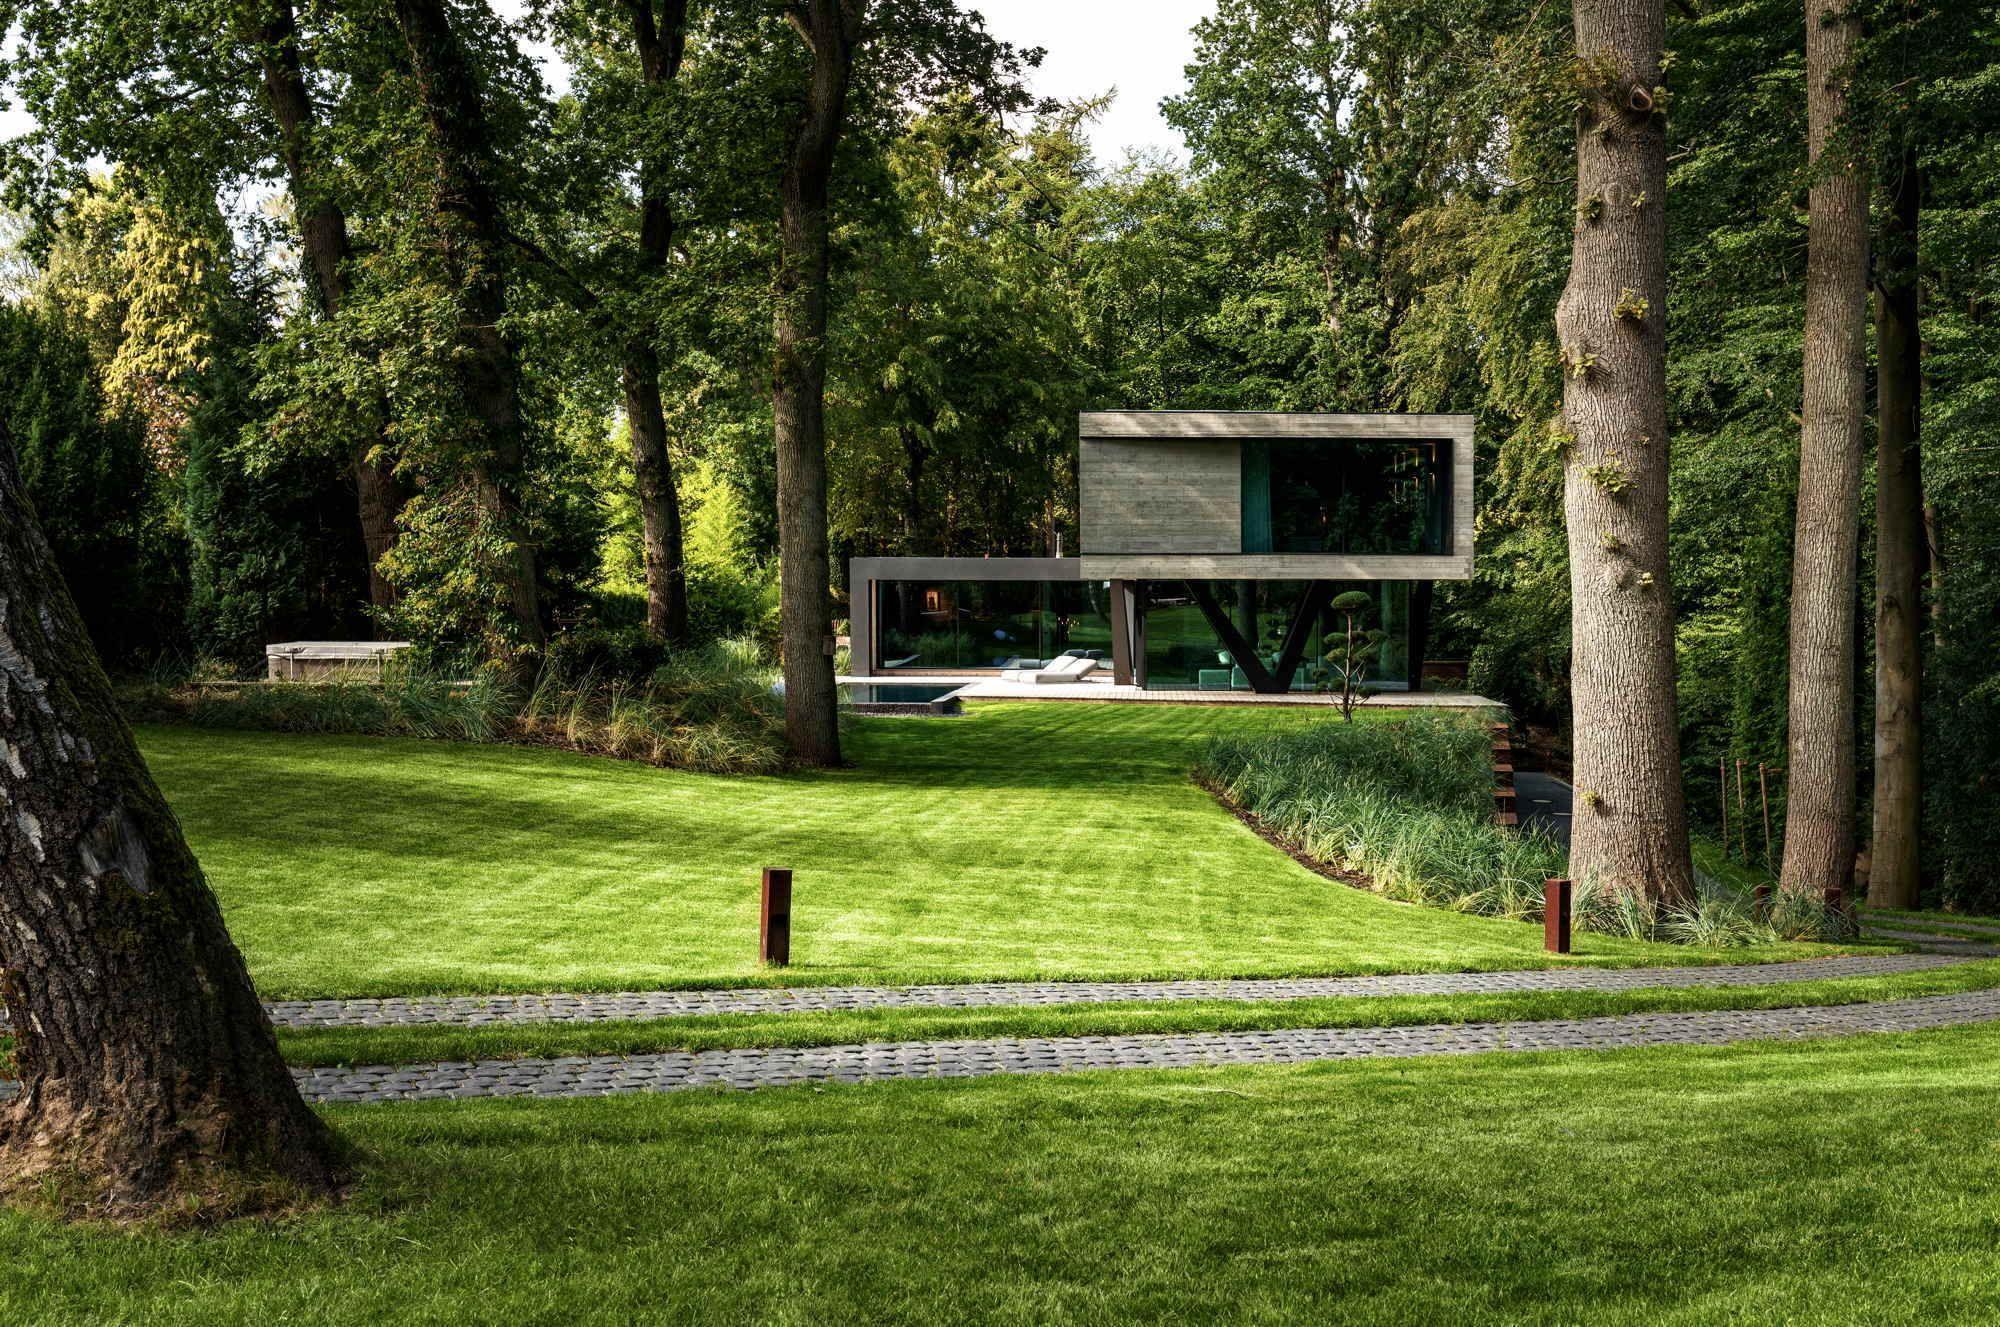 Fuge im Wald Villa bei Hamburg von Querkopf Architekten